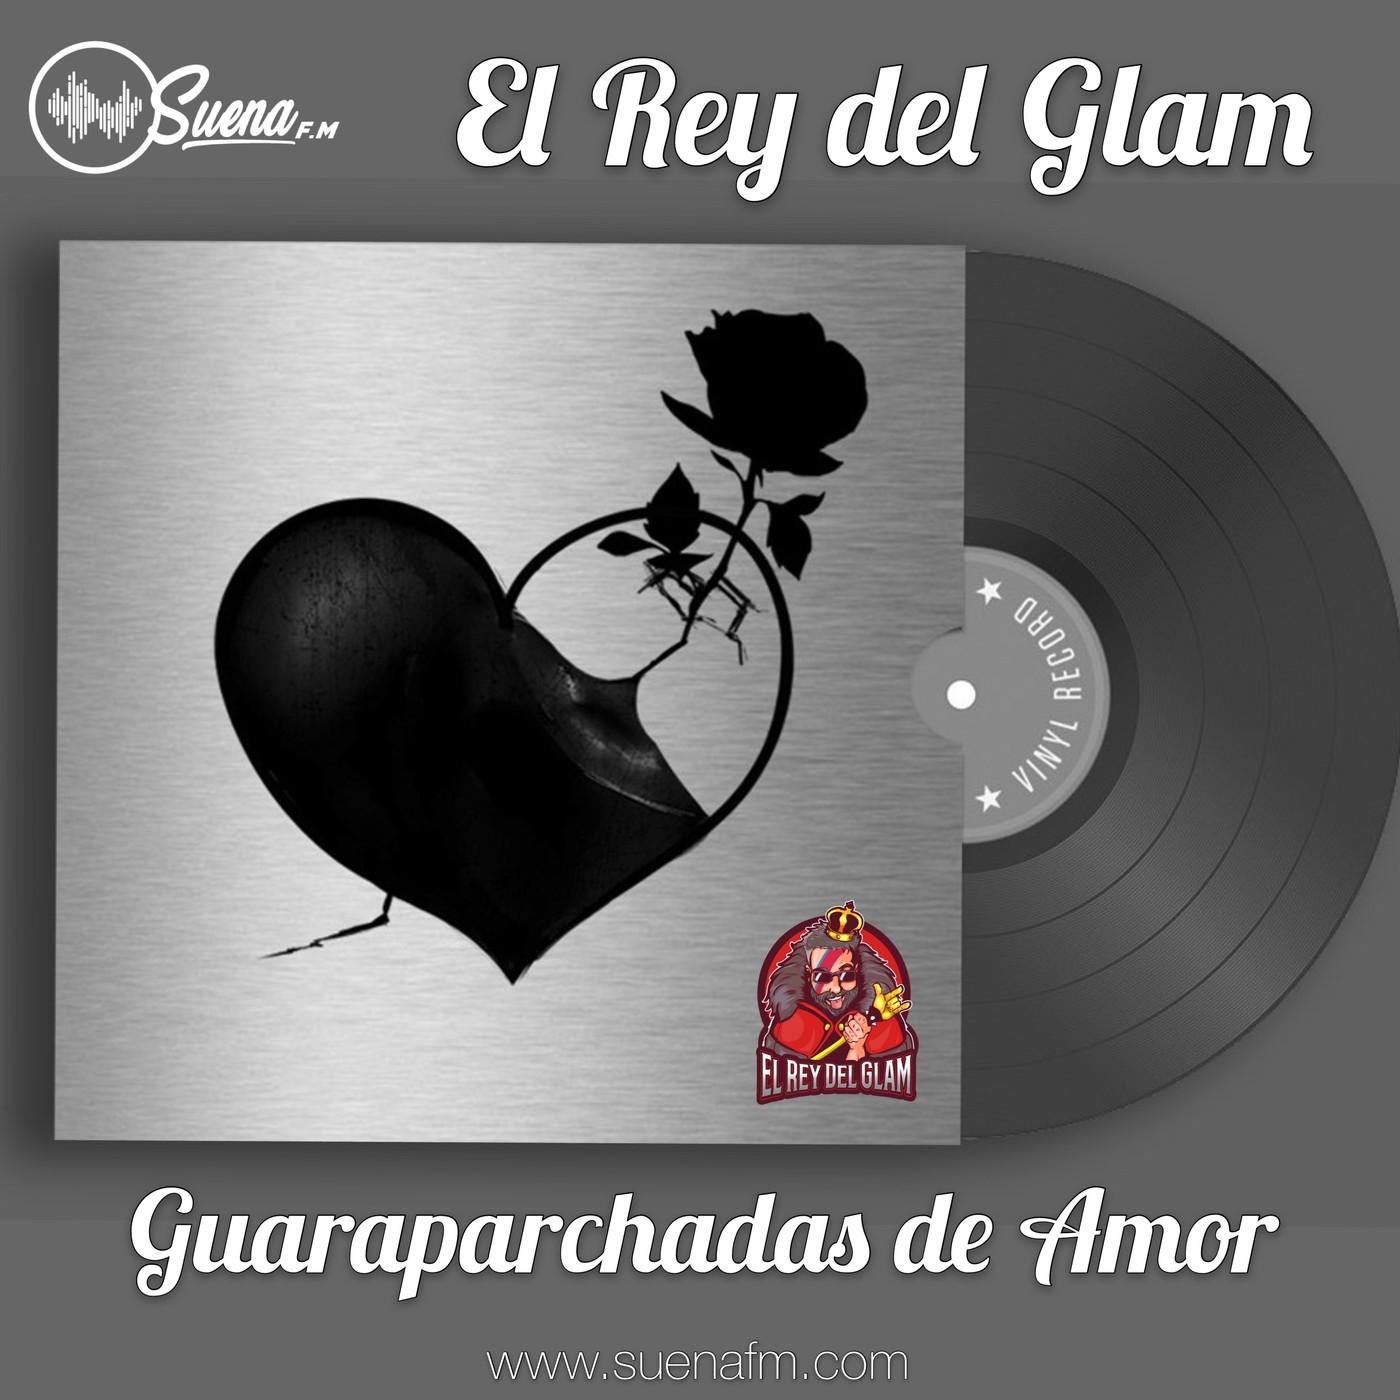 El Rey Del Glam 13 04 20 Guaraparchadas De Amor En El Rey Del Glam En Mp3 14 04 A Las 18 28 40 01 01 59 50016624 Ivoox